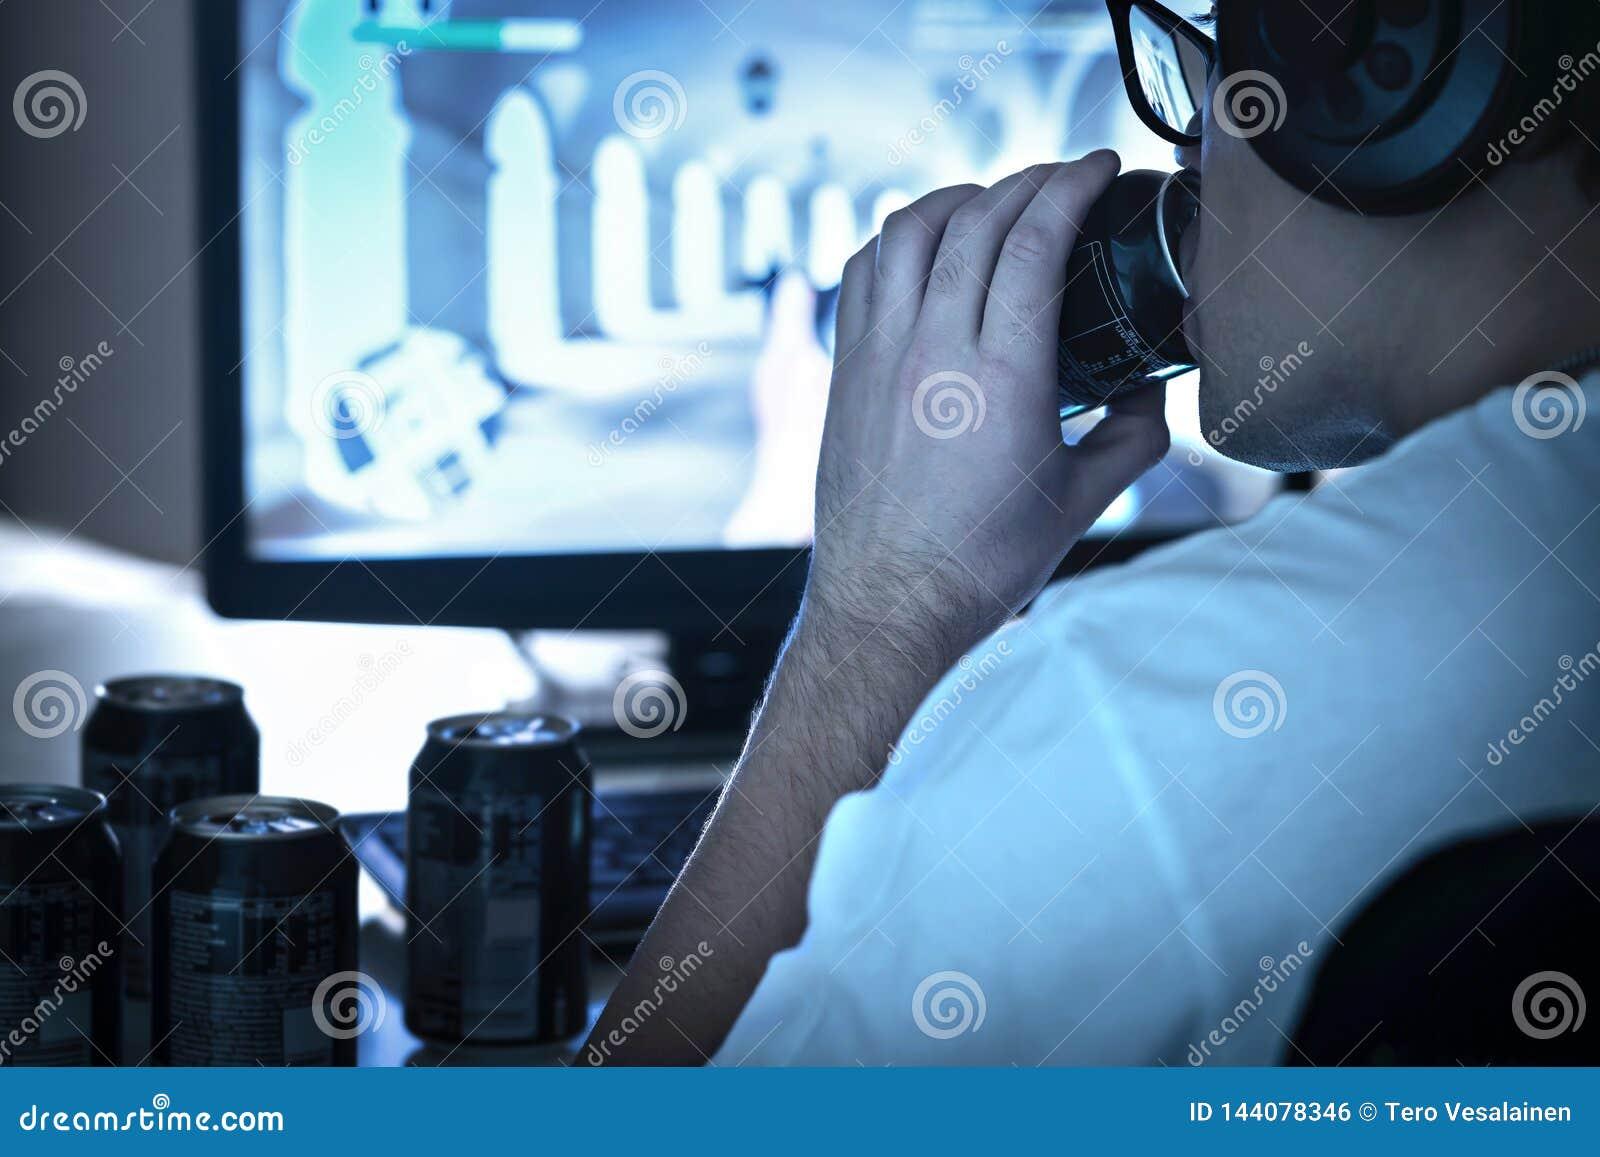 Grabb som dricker sodavatten och spelar videospelet eller som håller ögonen på den online-levande strömmen För mycket energidrink